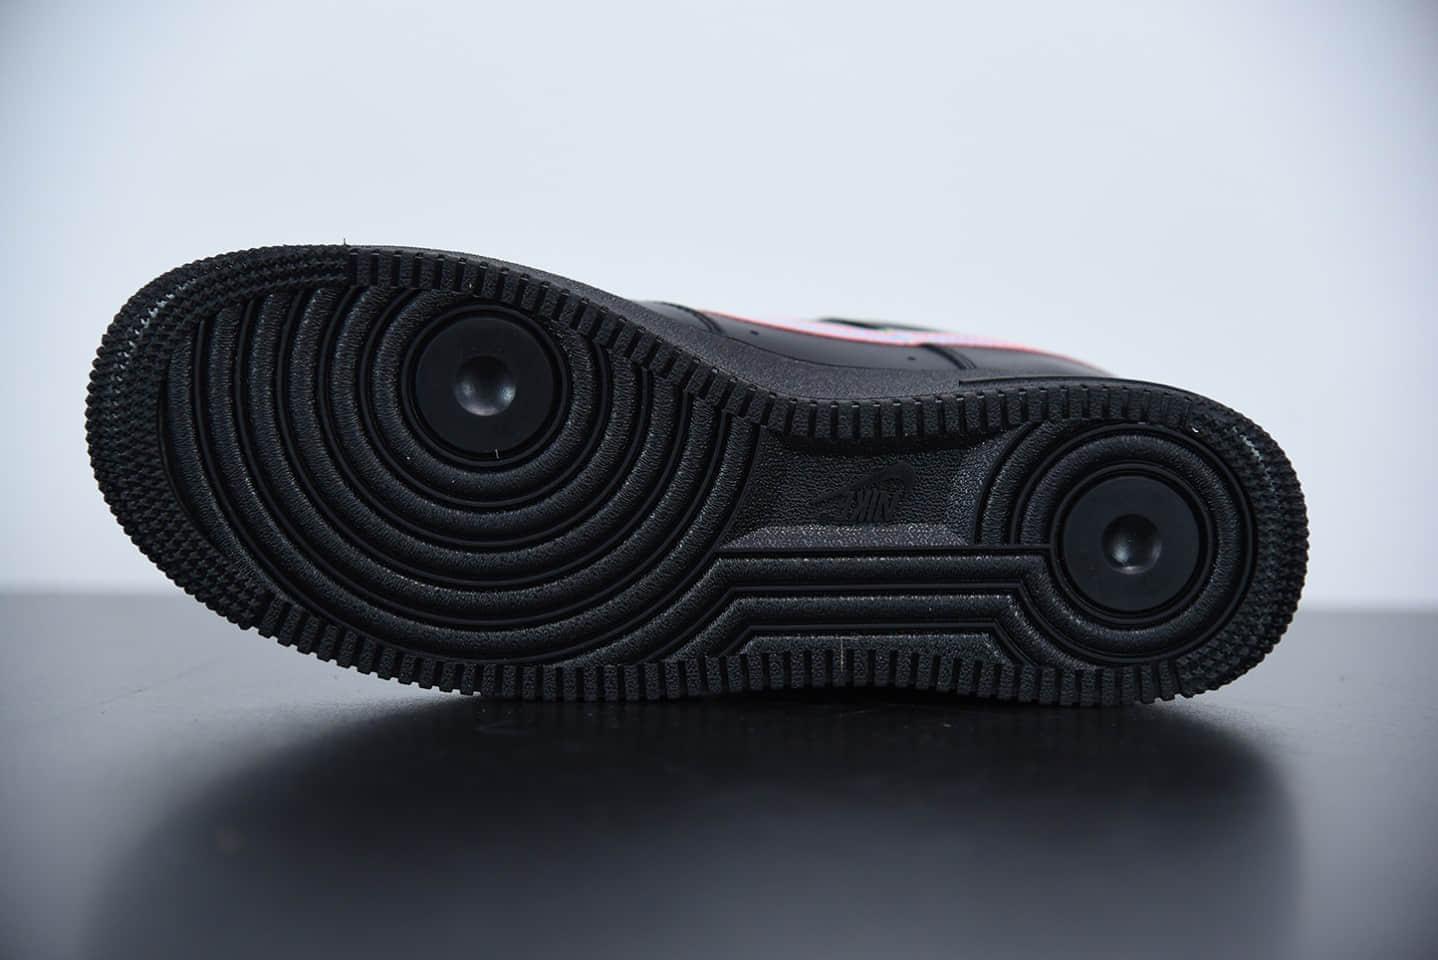 耐克Nike Air Force 1'07 LV8 Good Game 电玩魔术贴空军一号低帮休闲运动板鞋纯原版本 货号:DC0710-101